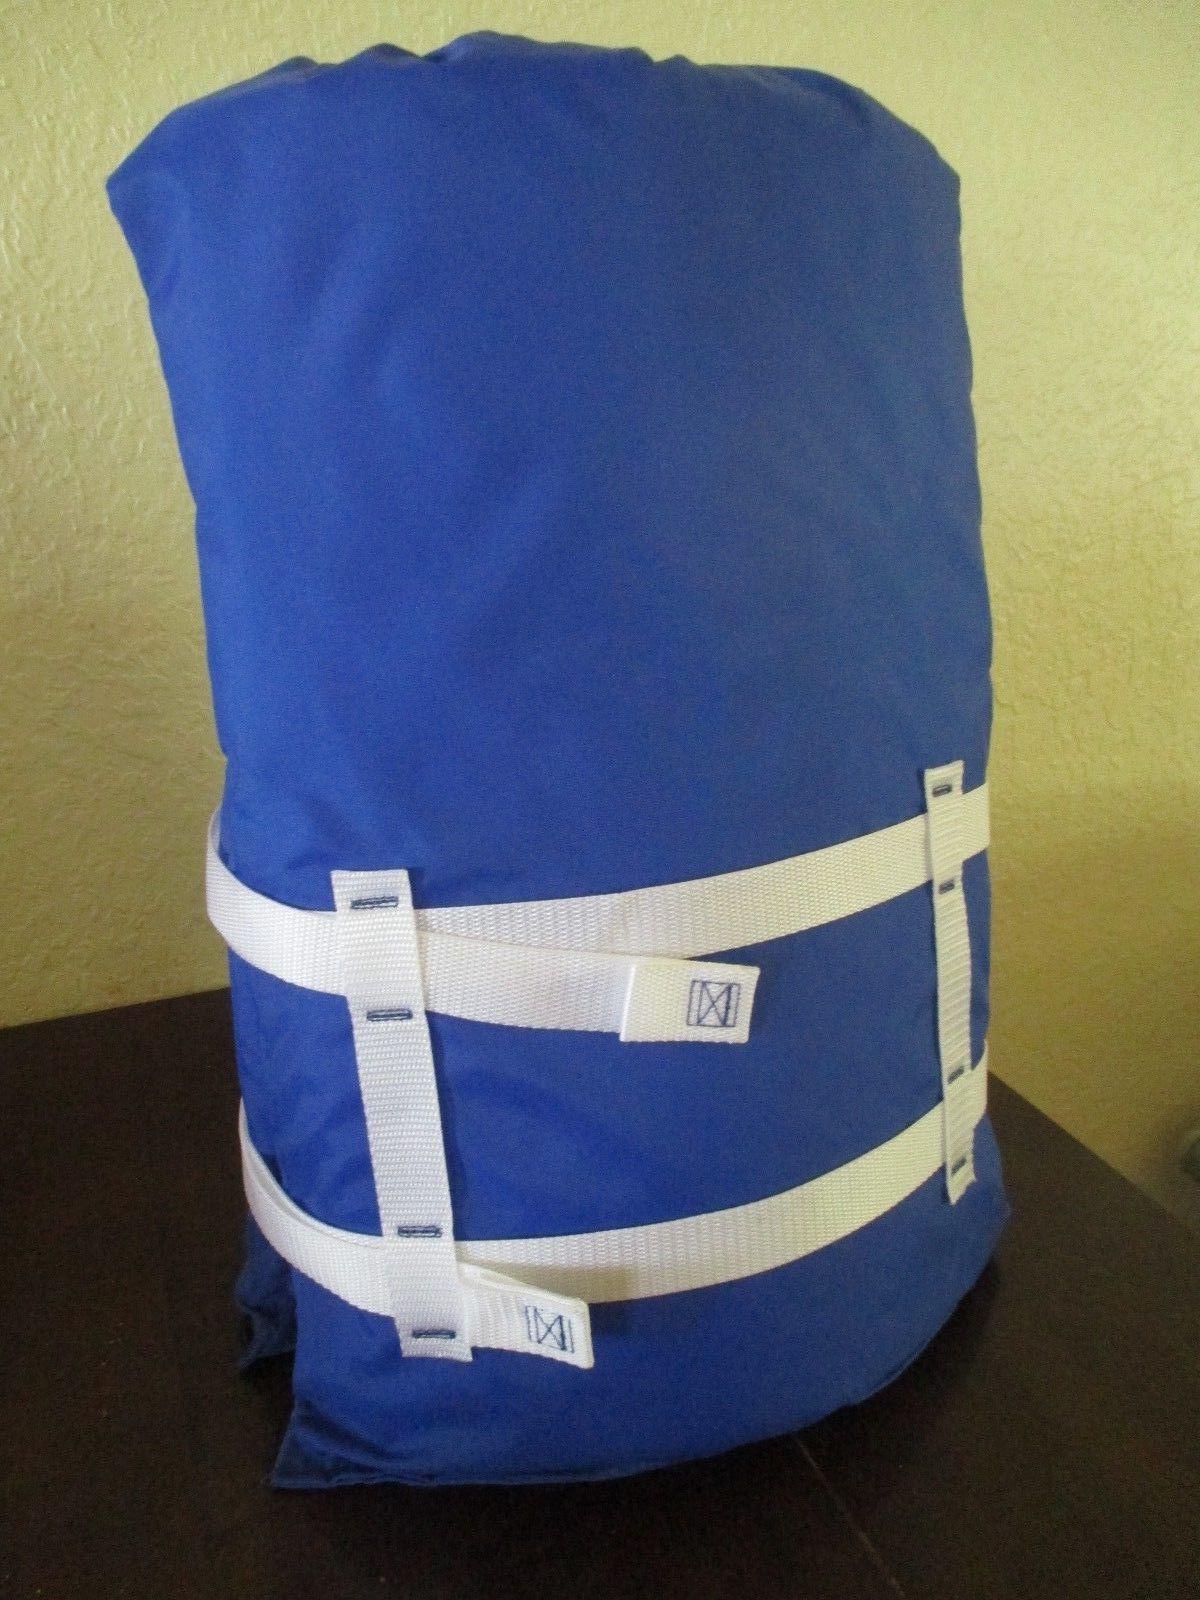 COLEMAN Adult Universal Boating Vest BLUE